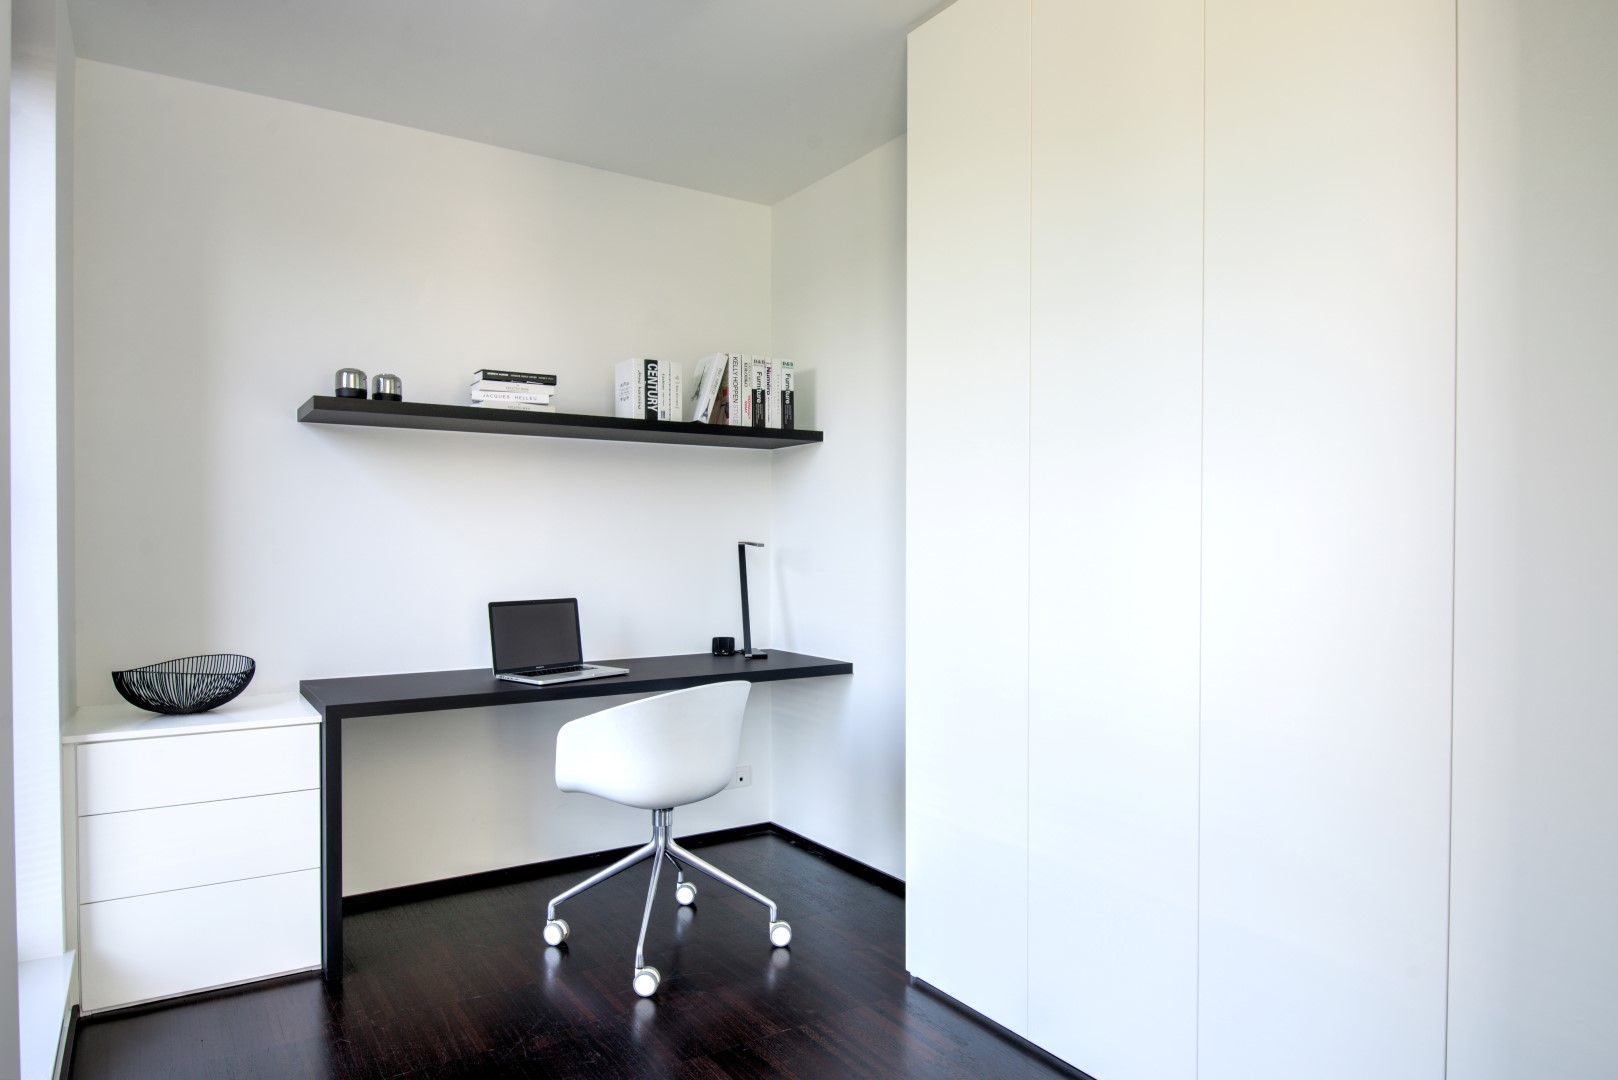 Bureau moderne équipé des placards de rangement